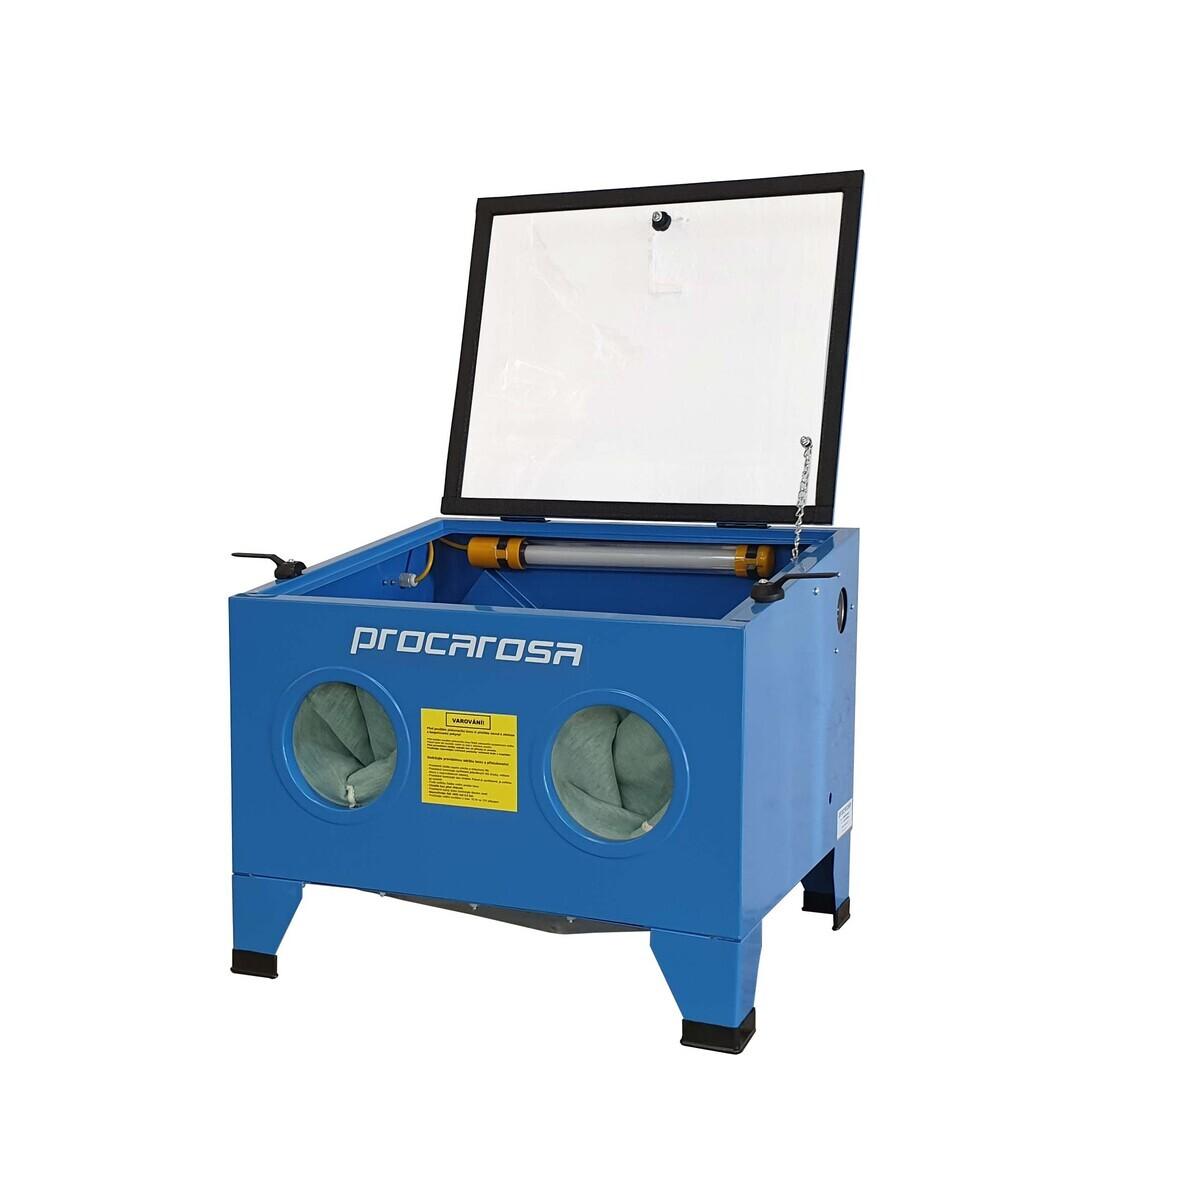 Pískovací box Procarosa PROFI90 - stolní